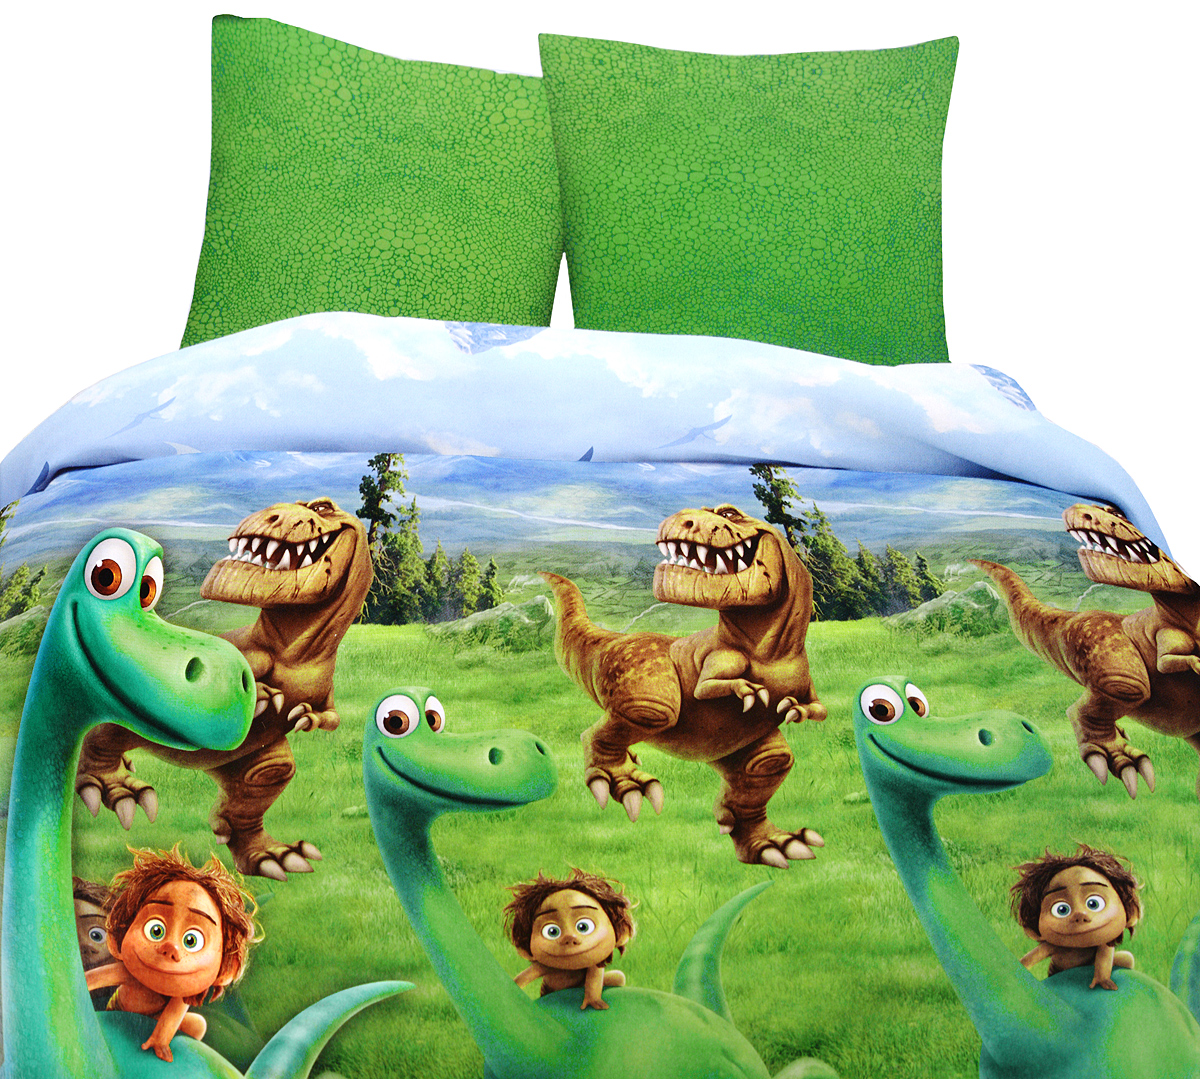 Хороший динозавр Комплект детского постельного белья Динозавр 1,5-спальный531-105Комплект детского постельного белья Хороший динозавр Динозавр, состоящий из наволочки, простыни и пододеяльника, выполнен из натурального 100% хлопка. Пододеяльник оформлен рисунком в виде героев мультфильма Хороший Динозавр. Хлопок - это натуральный материал, который не раздражает даже самую нежную и чувствительную кожу малыша, не вызывает аллергии и хорошо вентилируется. Такой комплект идеально подойдет для кроватки вашего малыша. На нем ребенок будет спать здоровым и крепким сном.